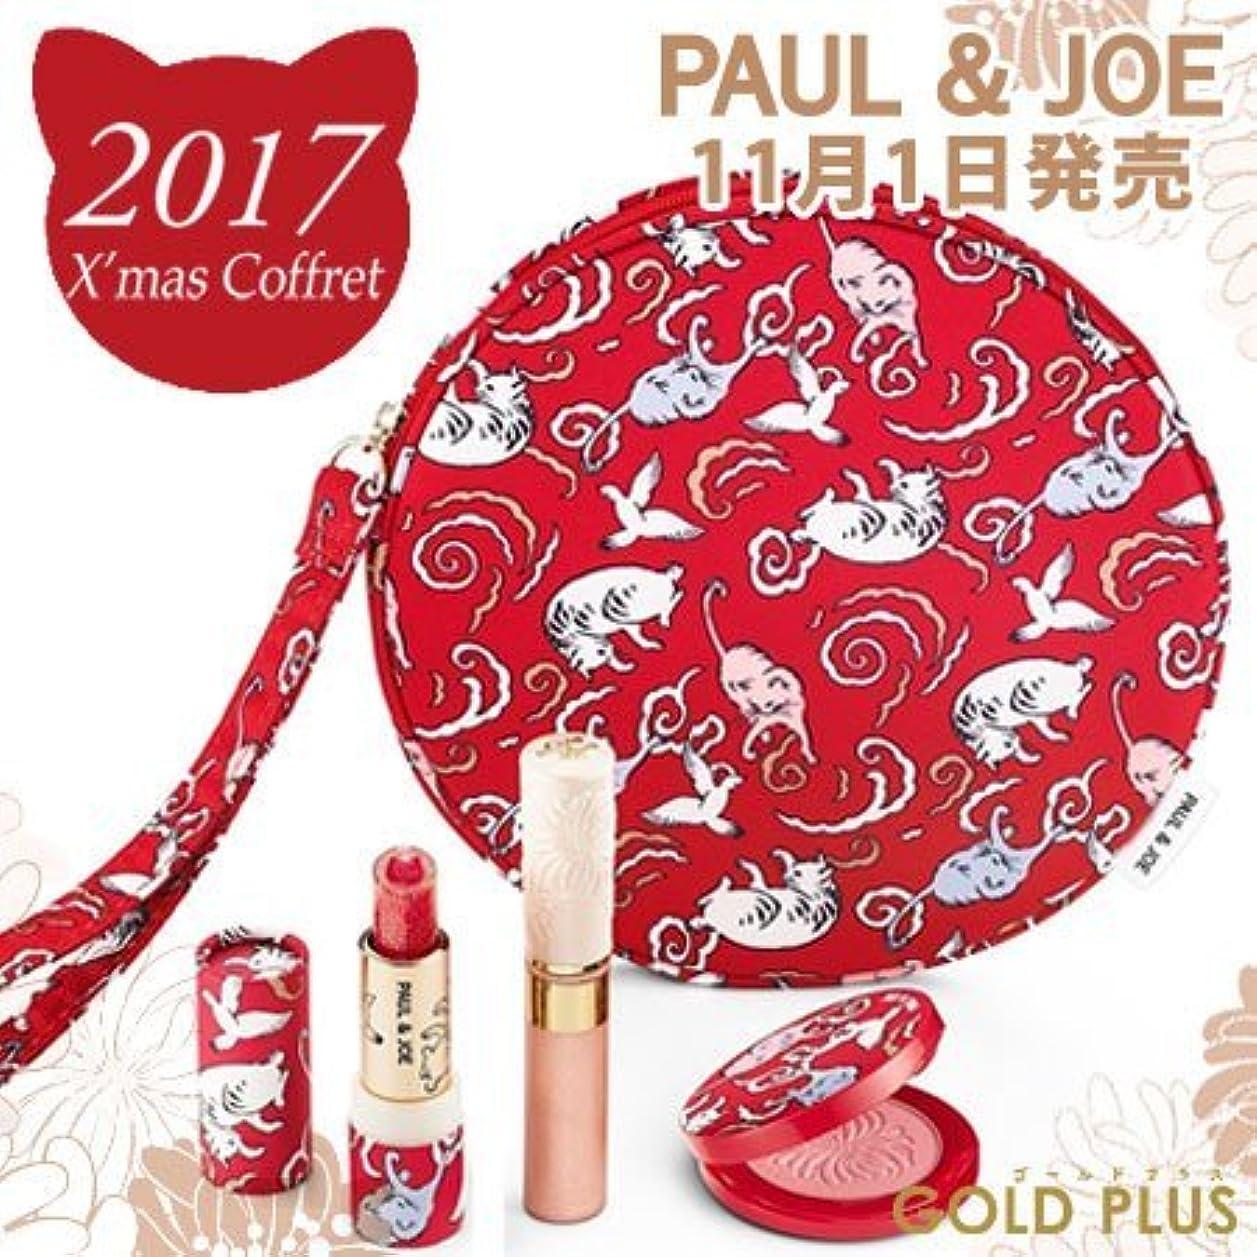 加速する自己尊重反逆ポール&ジョー メイクアップ コレクション 2017 【 2017 クリスマス コフレ 】限定品 -PAUL&JOE-